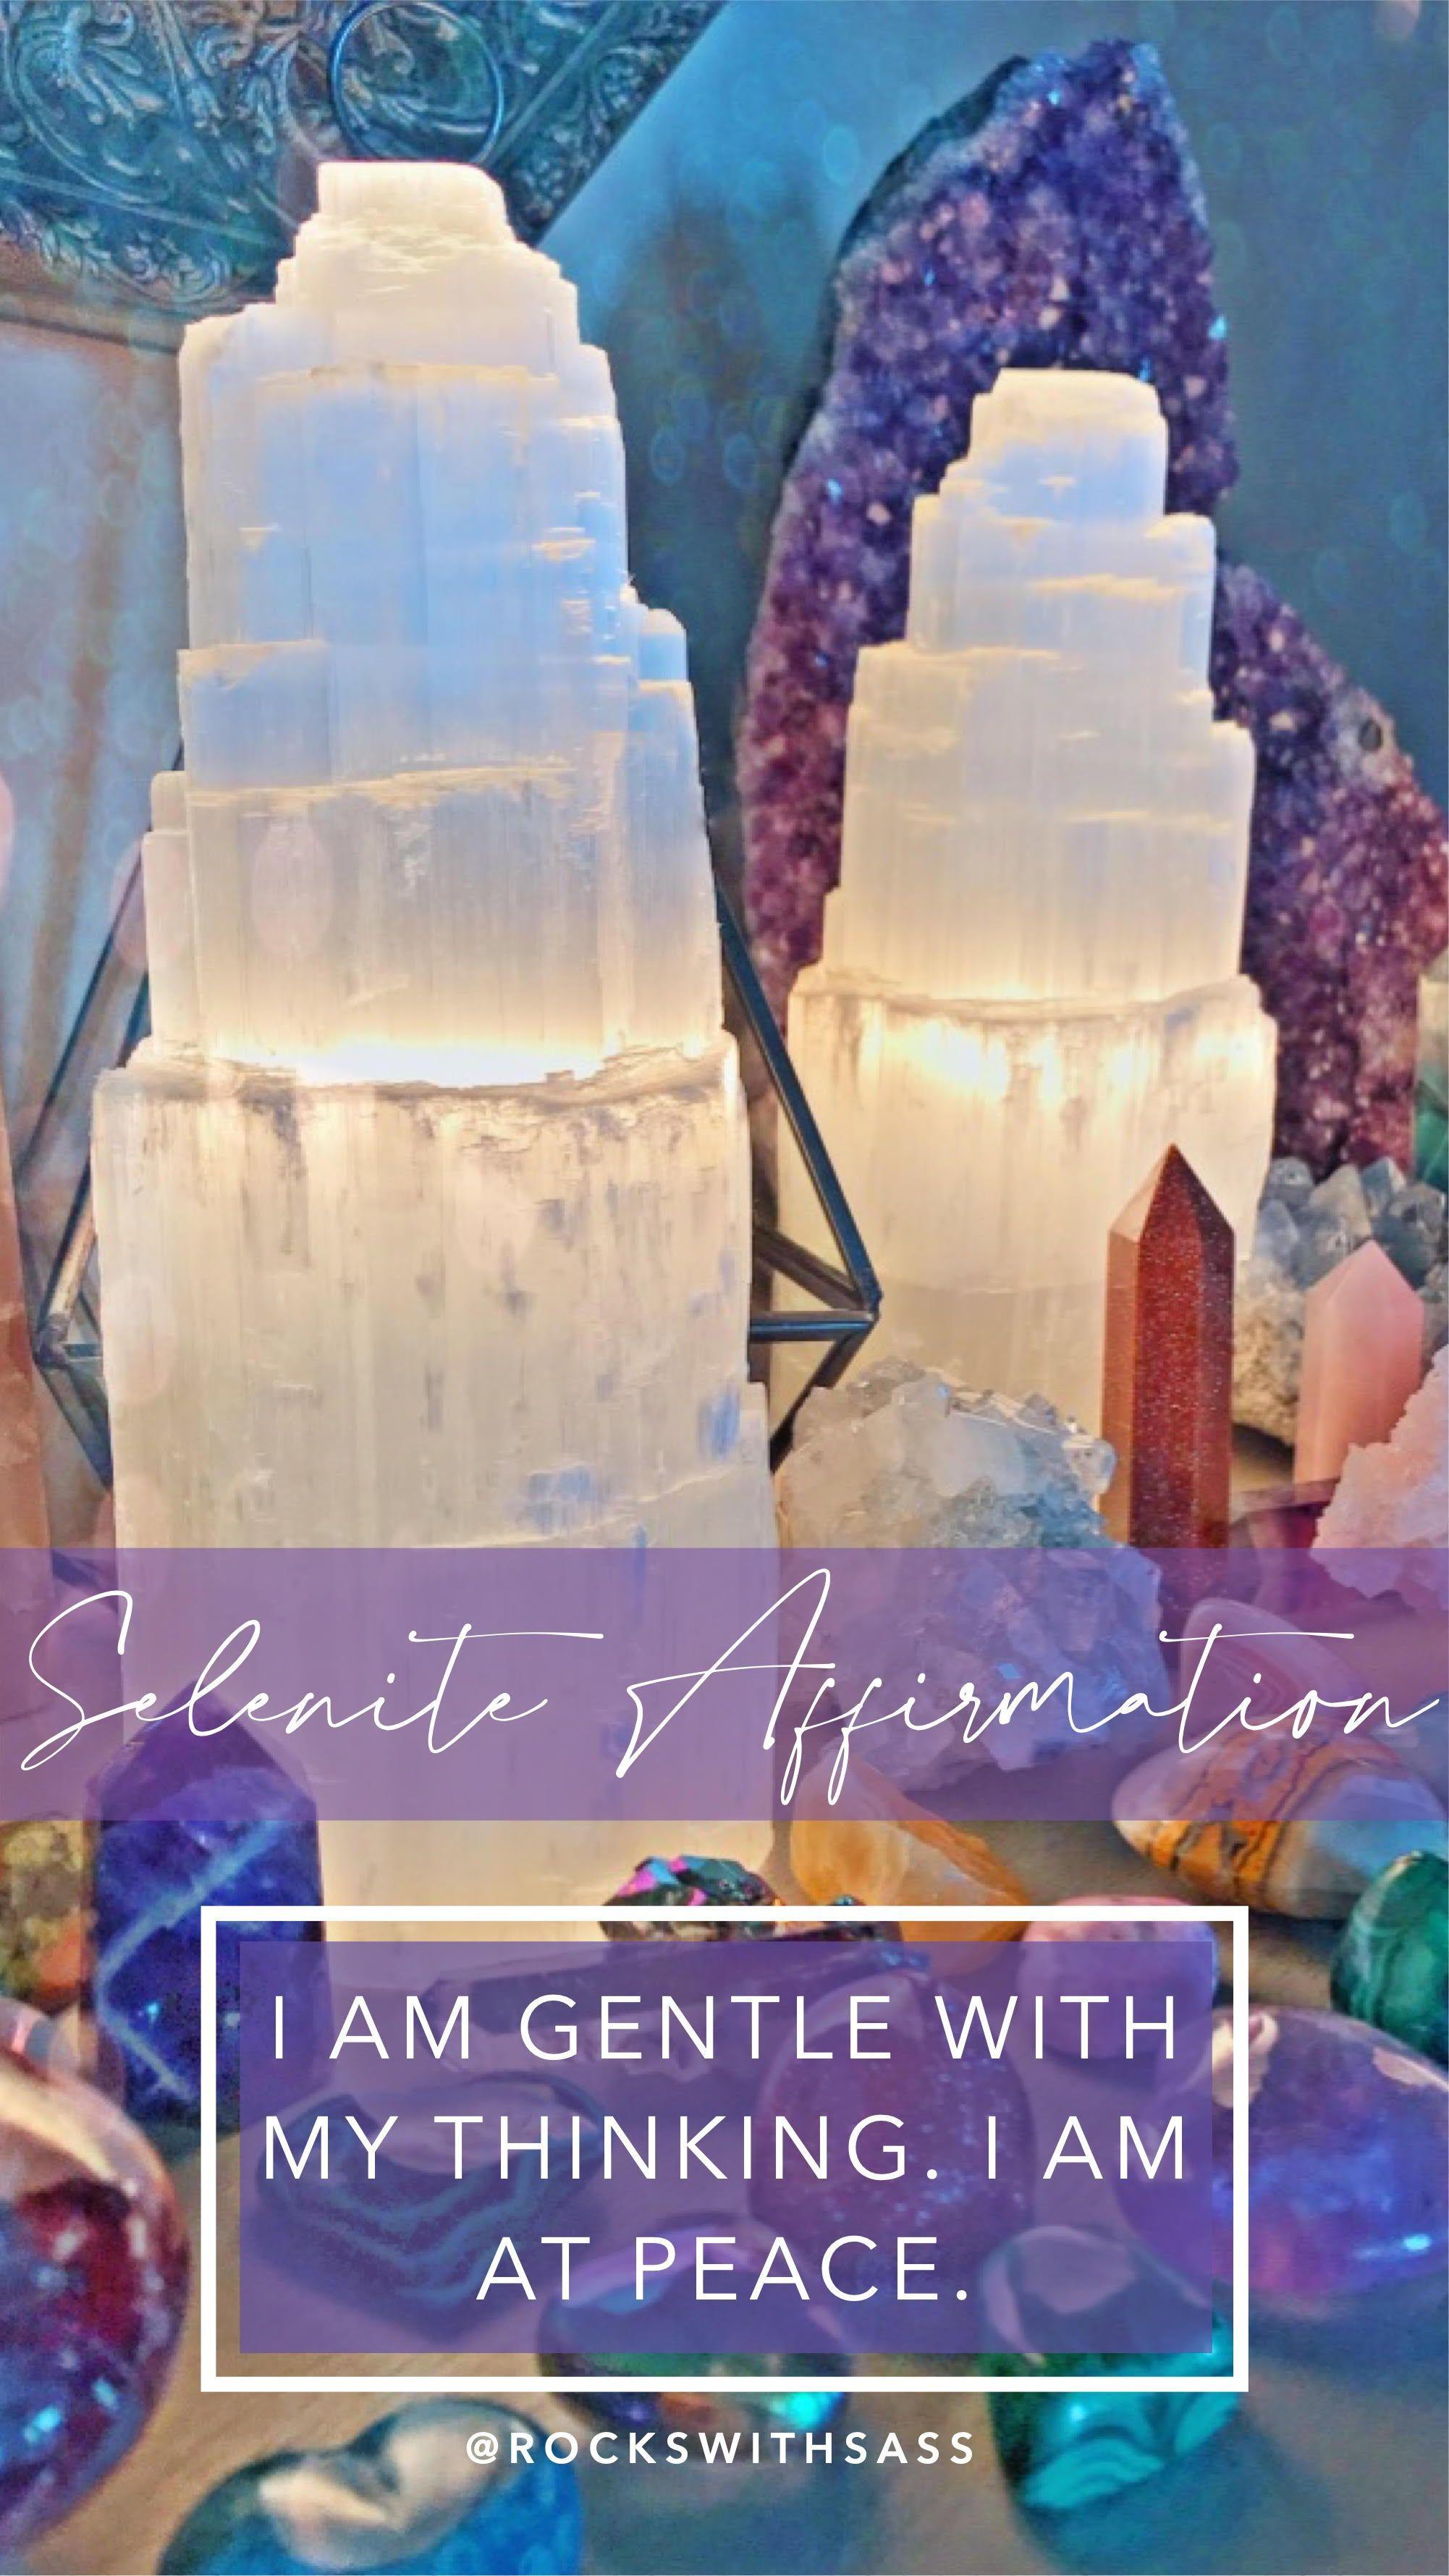 Selenite Keywords Gentleness Meditation Inner Child Selenite Peace Gifts Etheric Body